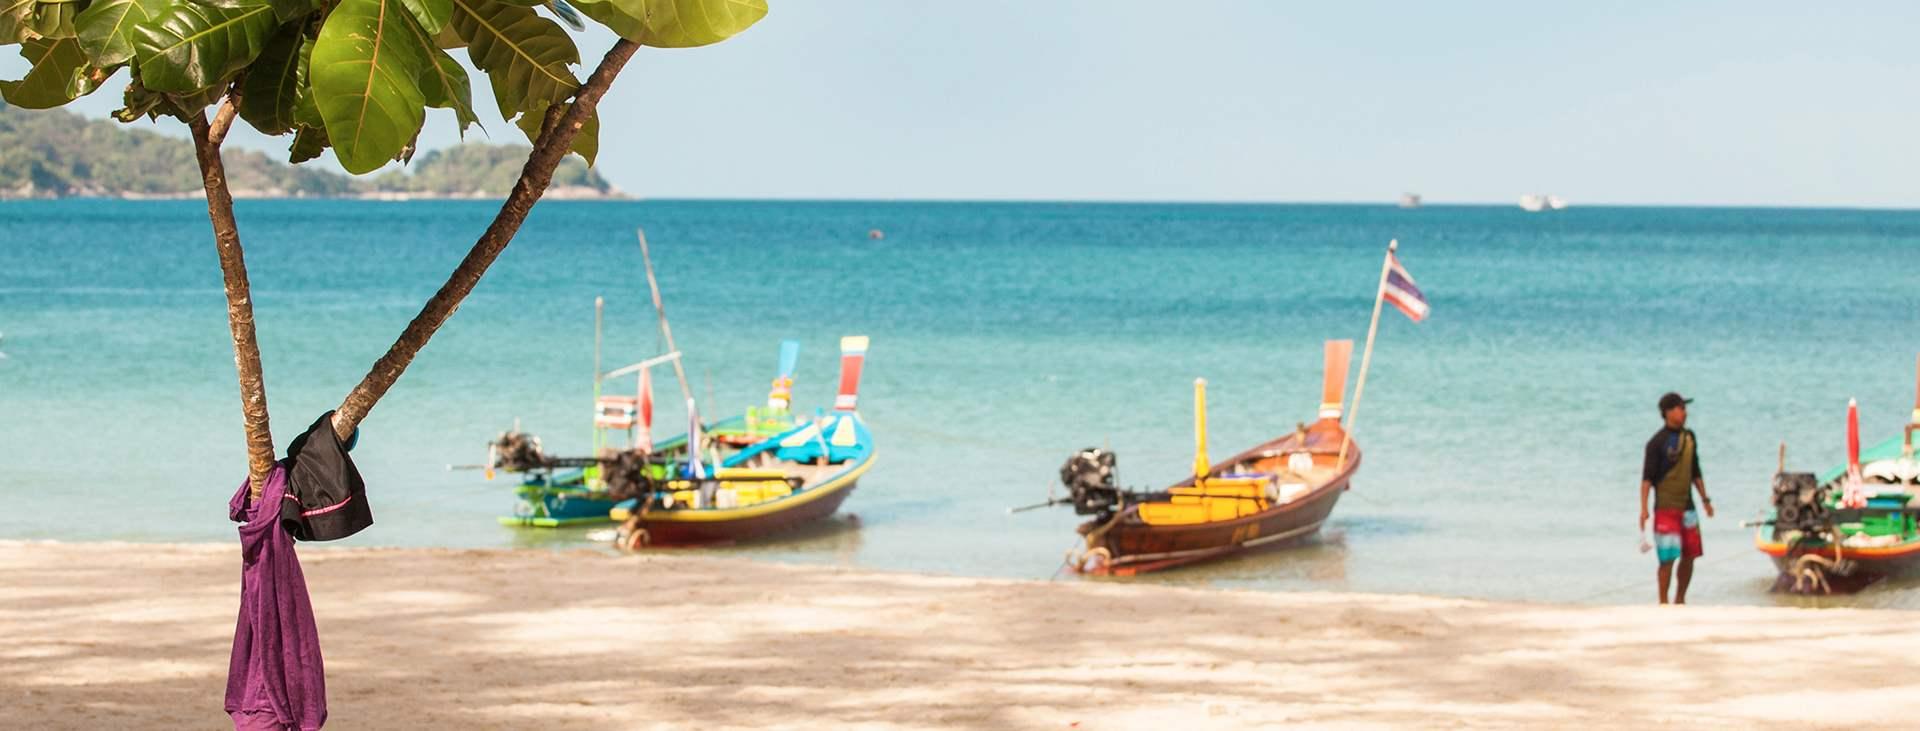 Boka din resa till Phuket i Thailand med Ving